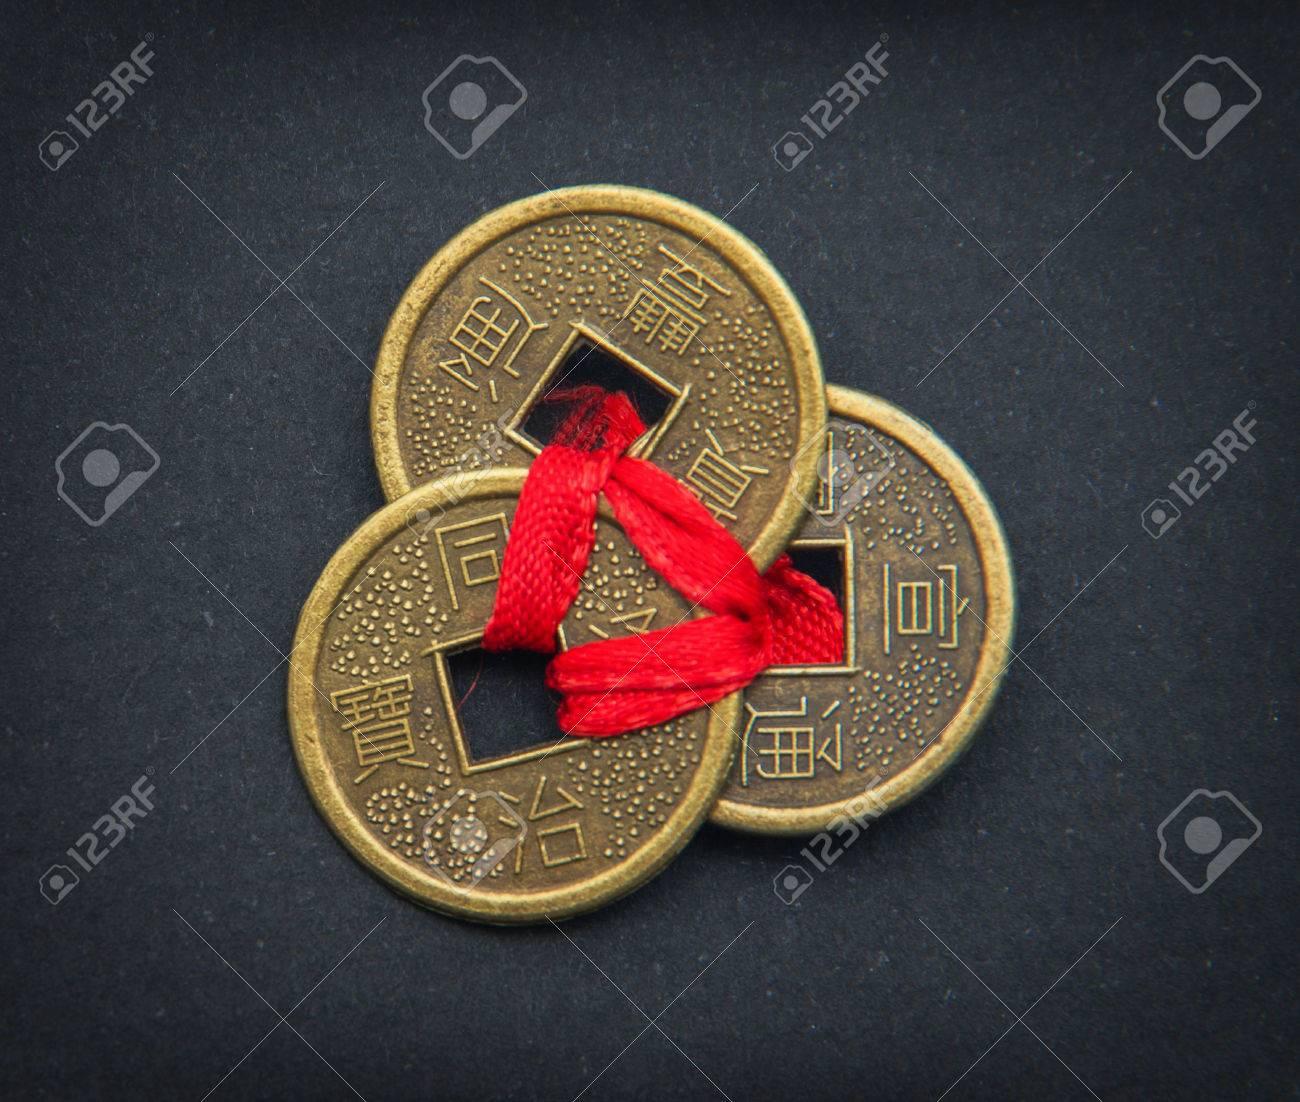 Chinesische Feng Shui Münzen Für Glück Und Erfolg Lizenzfreie Fotos